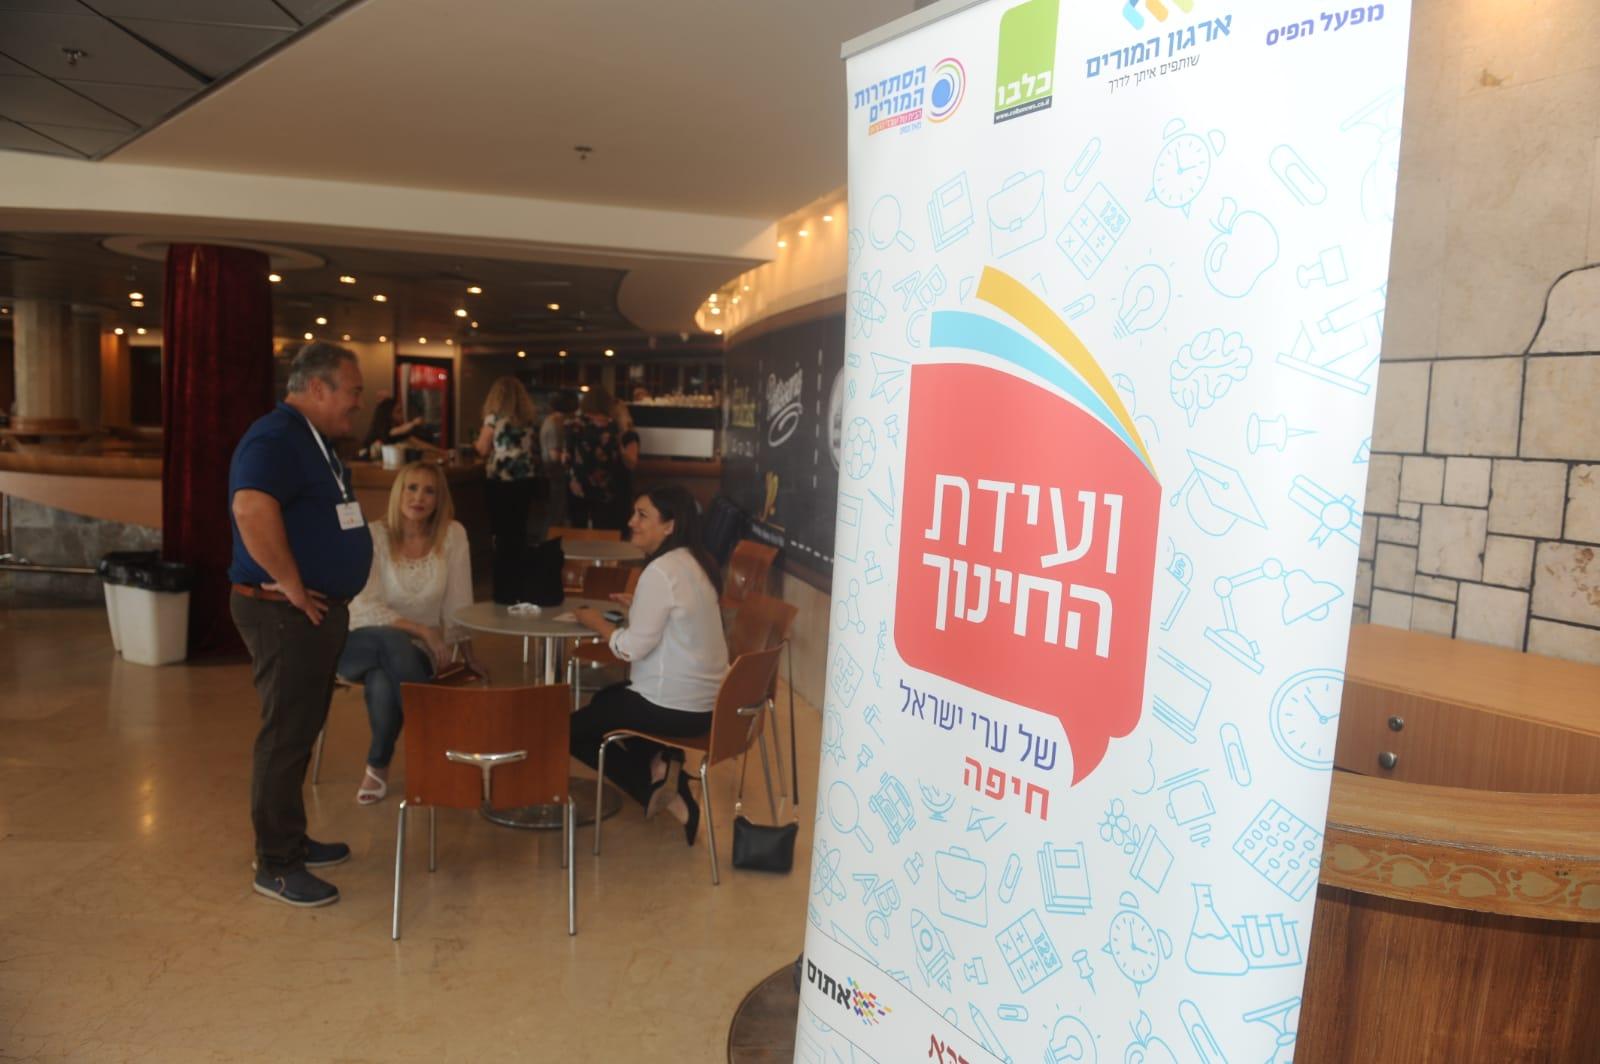 ועידת החינוך של ערי ישראל בחיפה (צילום: רמי שלוש)